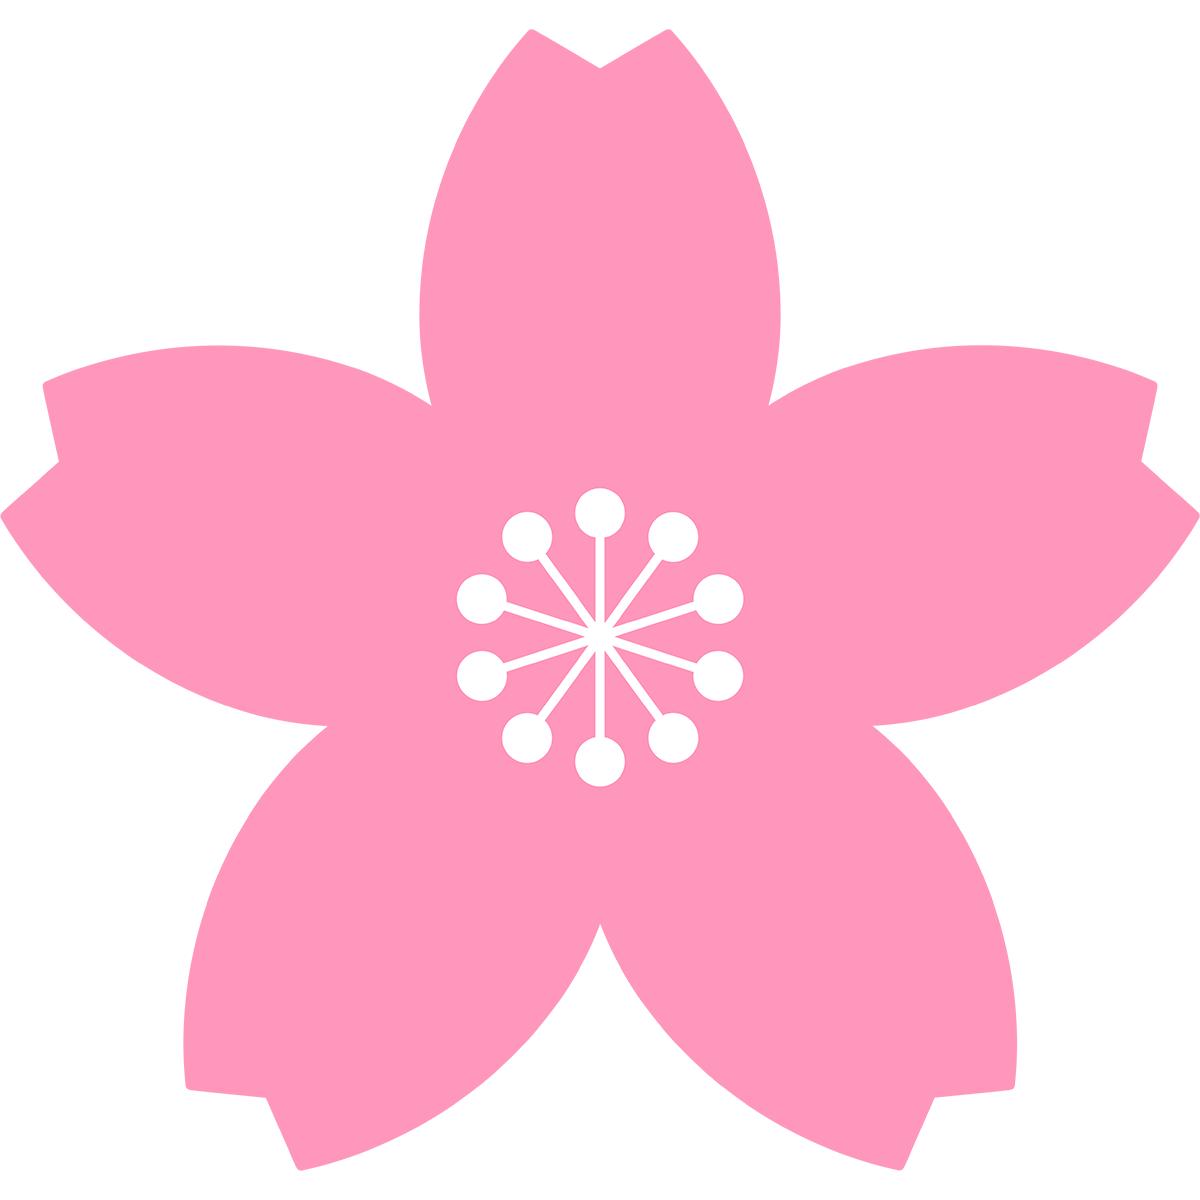 桜の花の無料イラスト